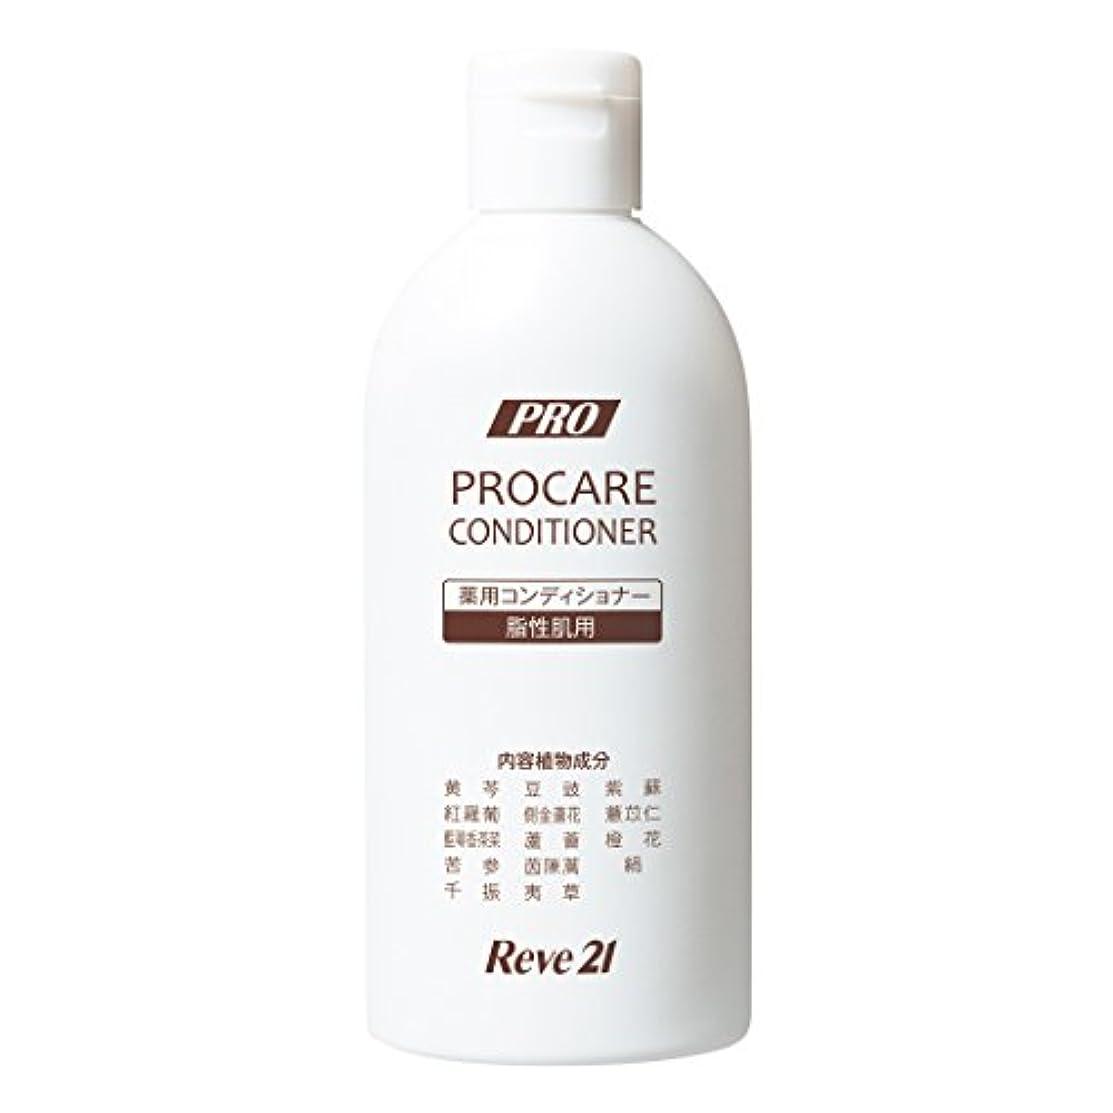 硬さアラブサラボ旅客リーブ21 薬用プロケアコンディショナーB 《脂性肌用》200ml [医薬部外品] 育毛